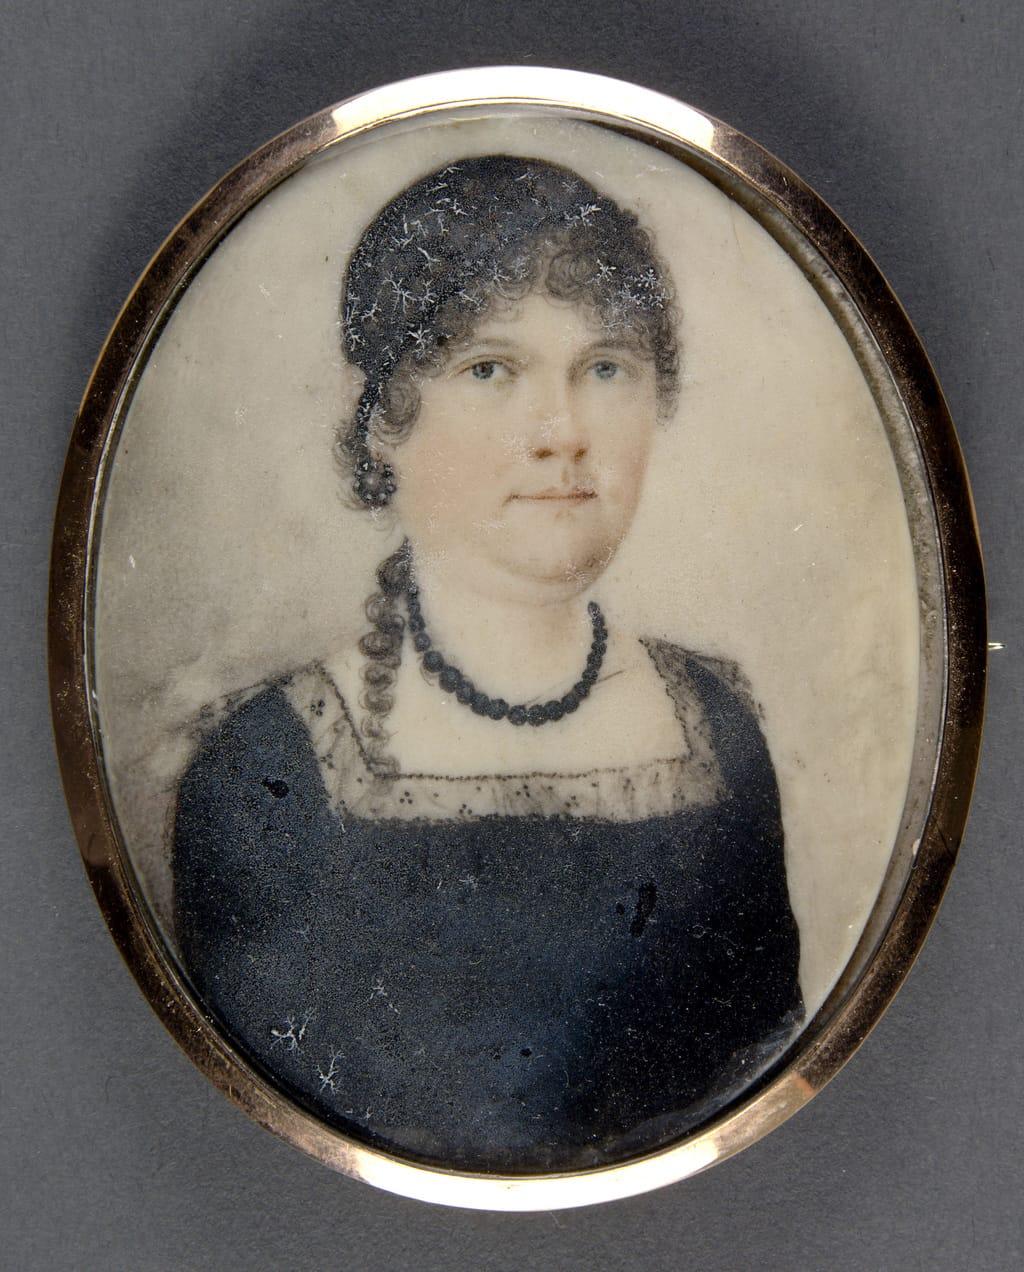 Broche avec portrait de madame Porter